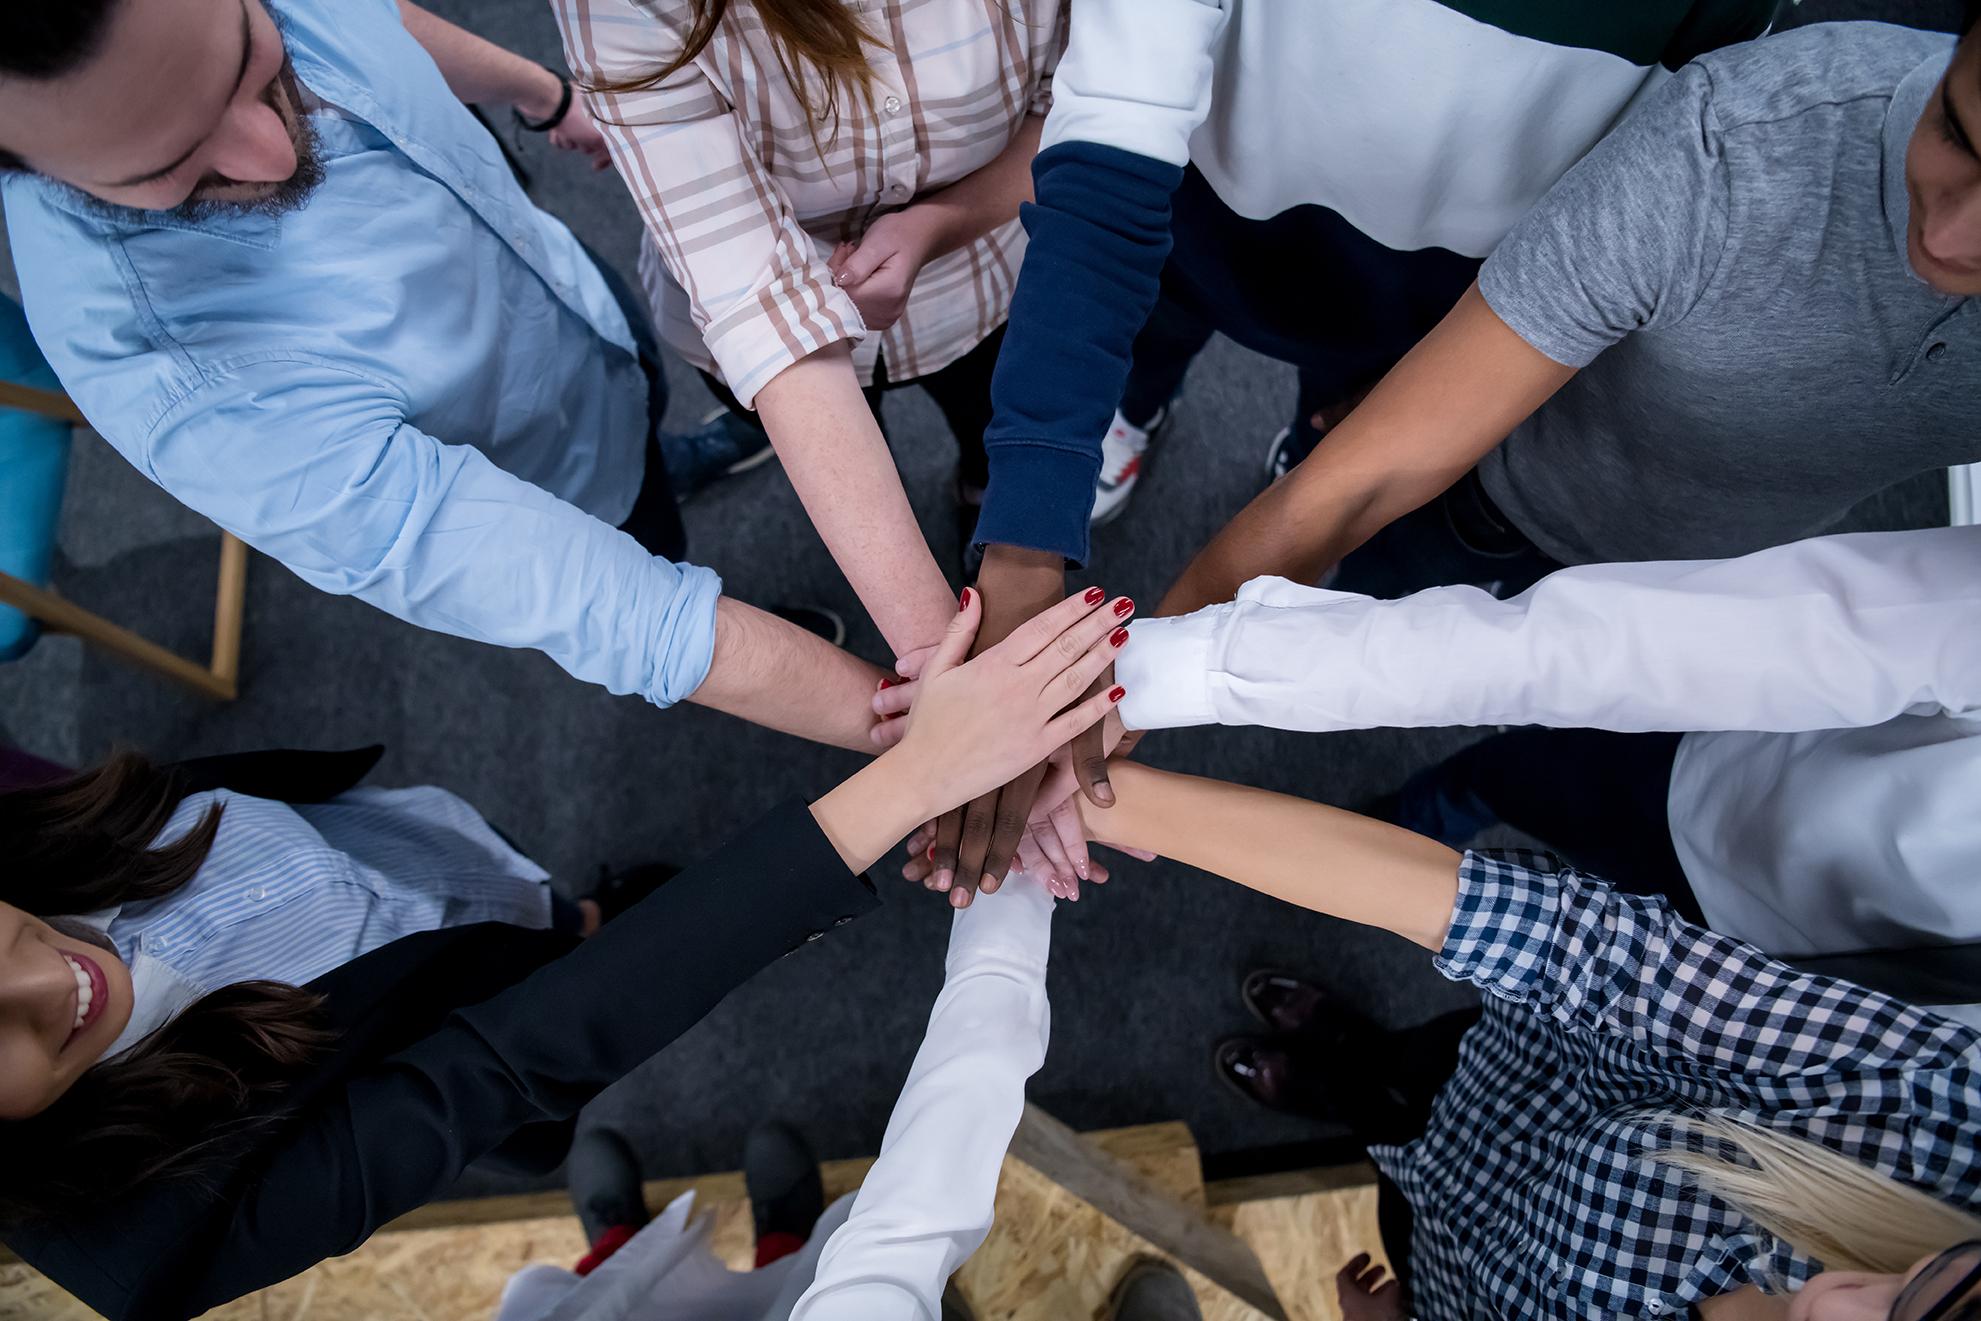 En mångkulturell grupp människor gläder sig över sina prestationer på jobbet